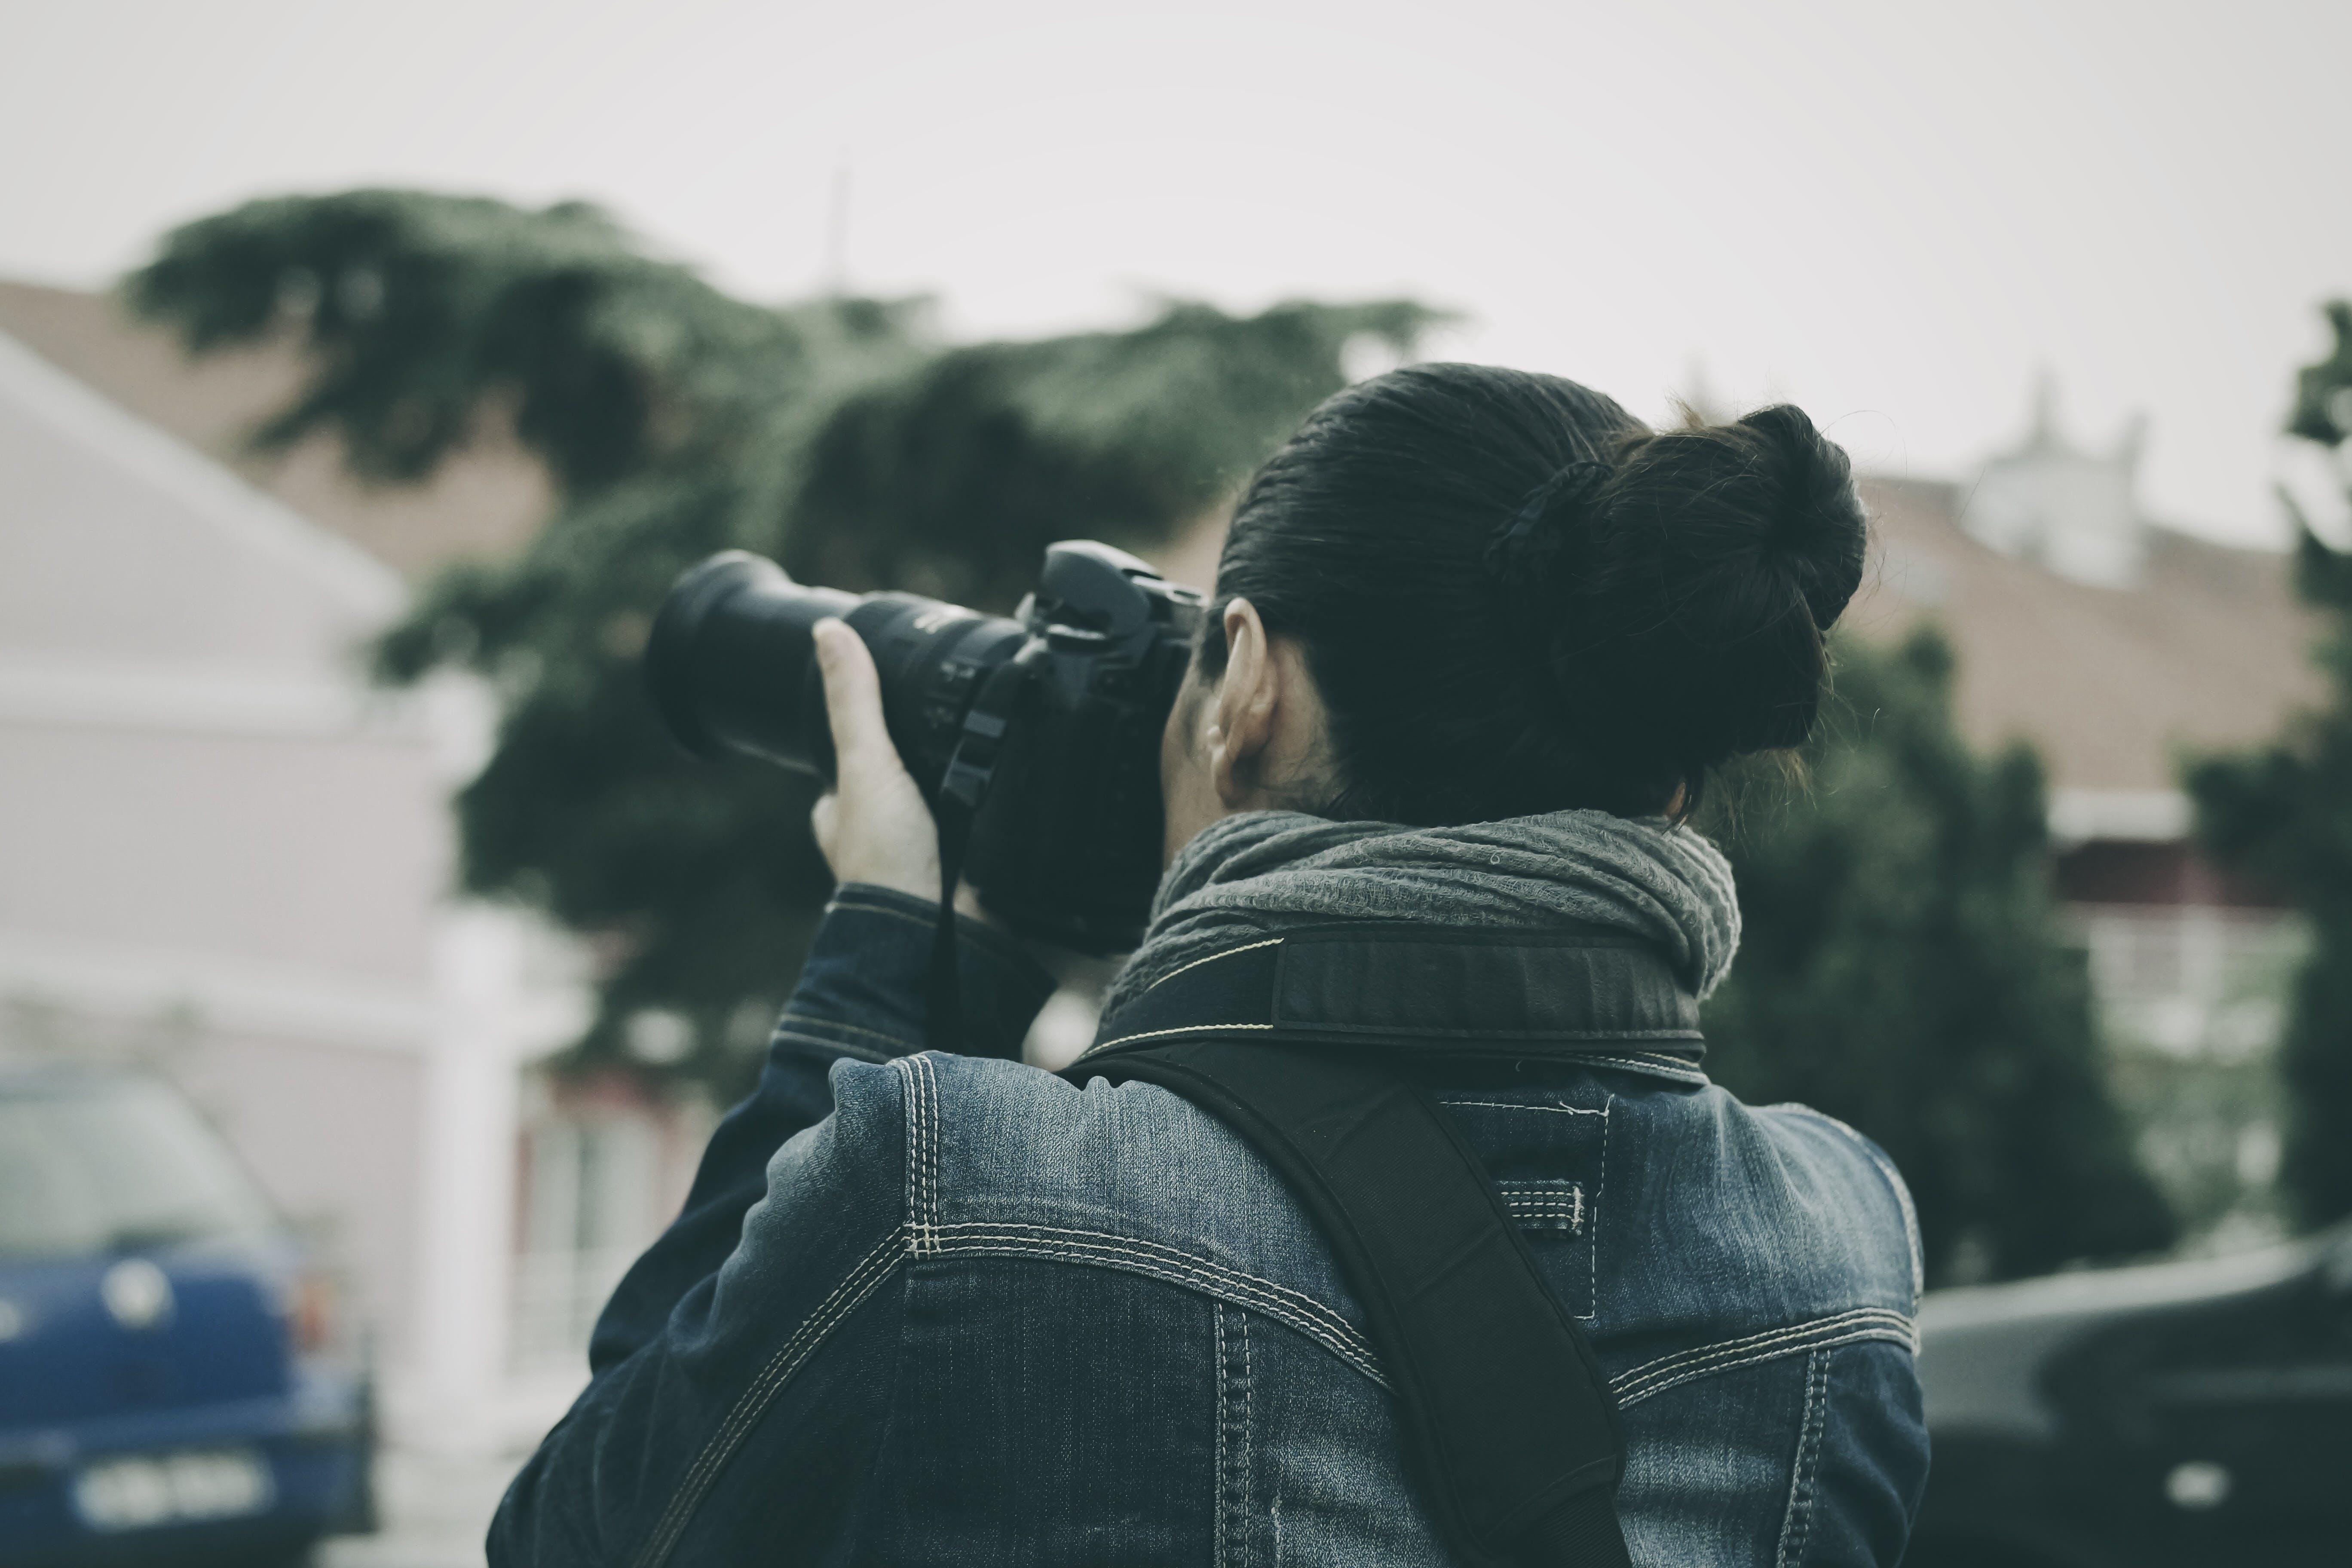 Gratis arkivbilde med fotograf, fotografi, journalist, kamera